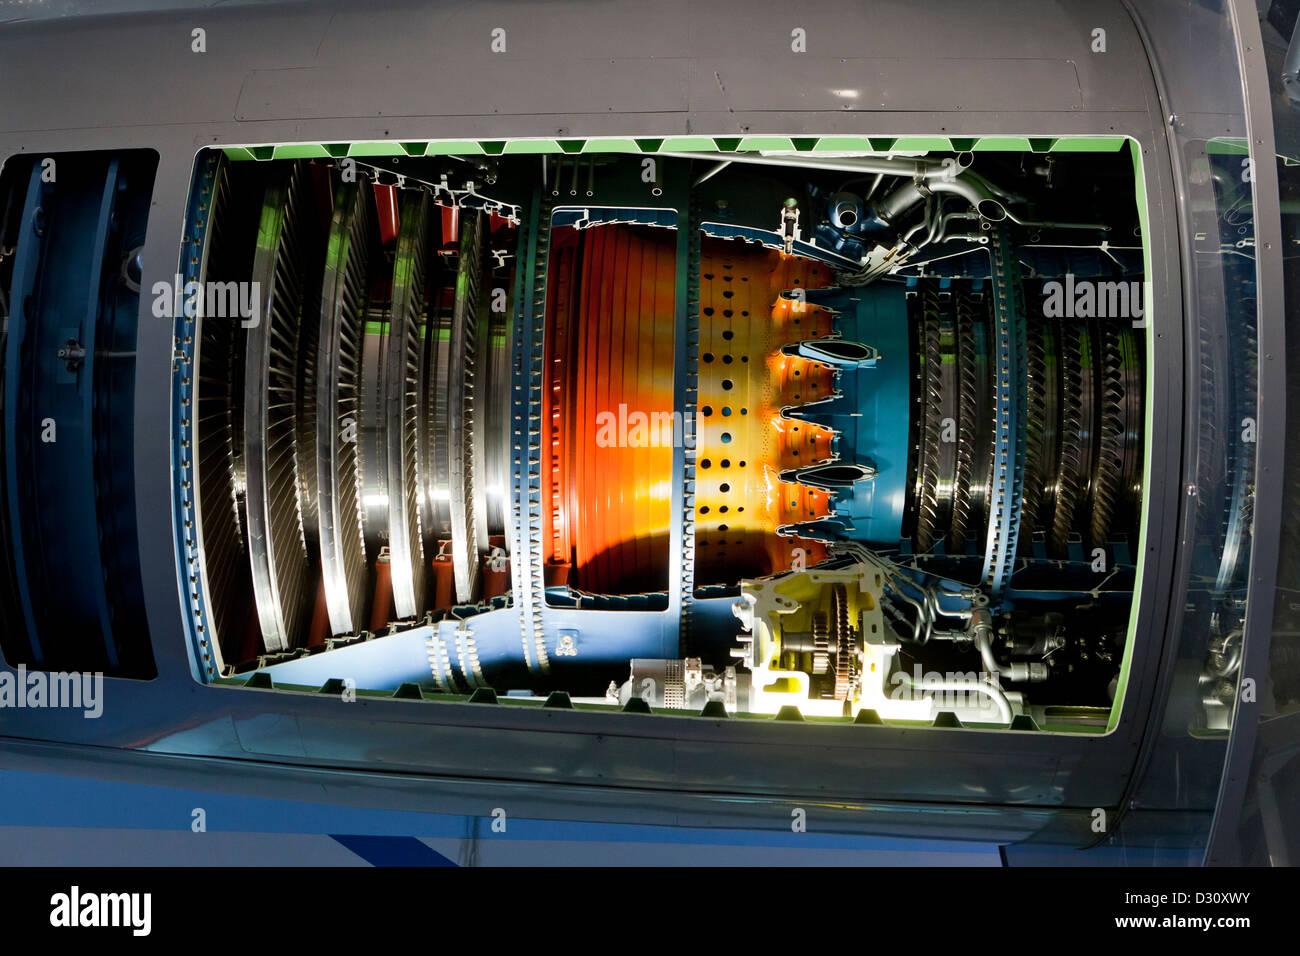 Pratt & Whitney JT9D motore turbofan sezione trasversale Immagini Stock